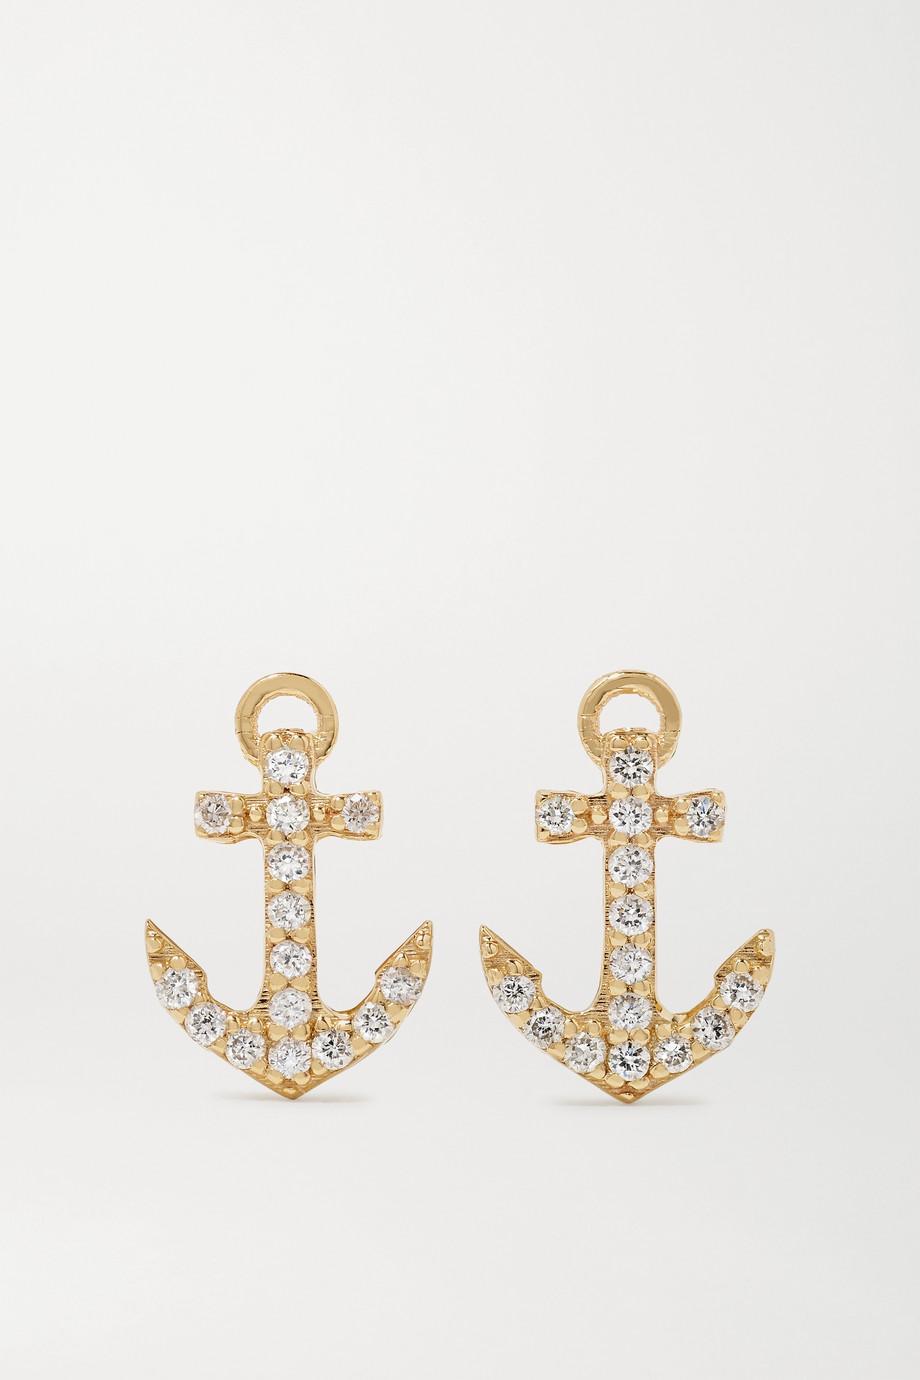 Sydney Evan Tiny Anchor 14-karat gold diamond earrings